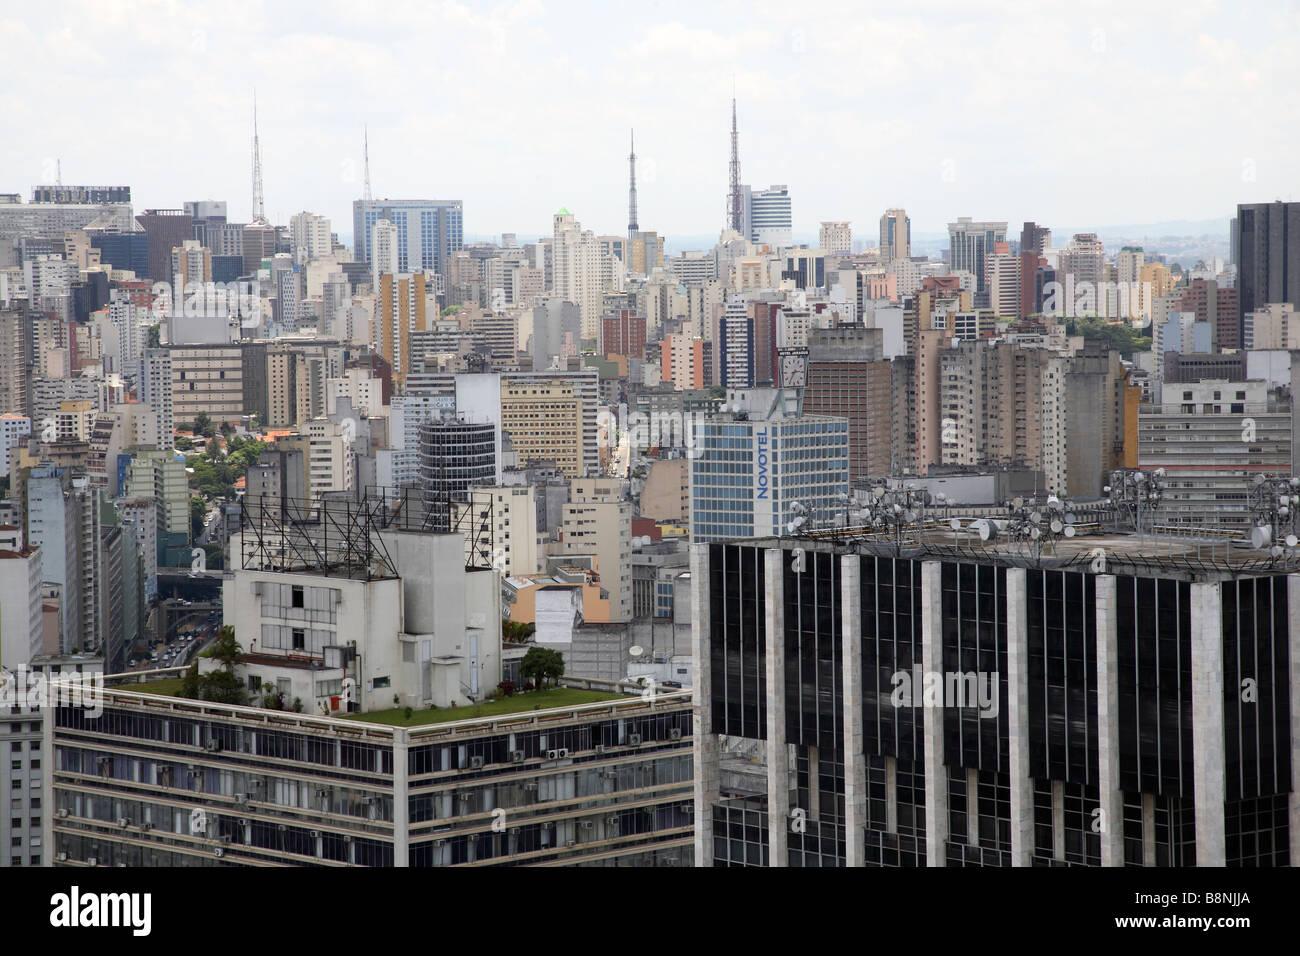 Sur les toits de la ville de Sao Paulo au Brésil Photo Stock